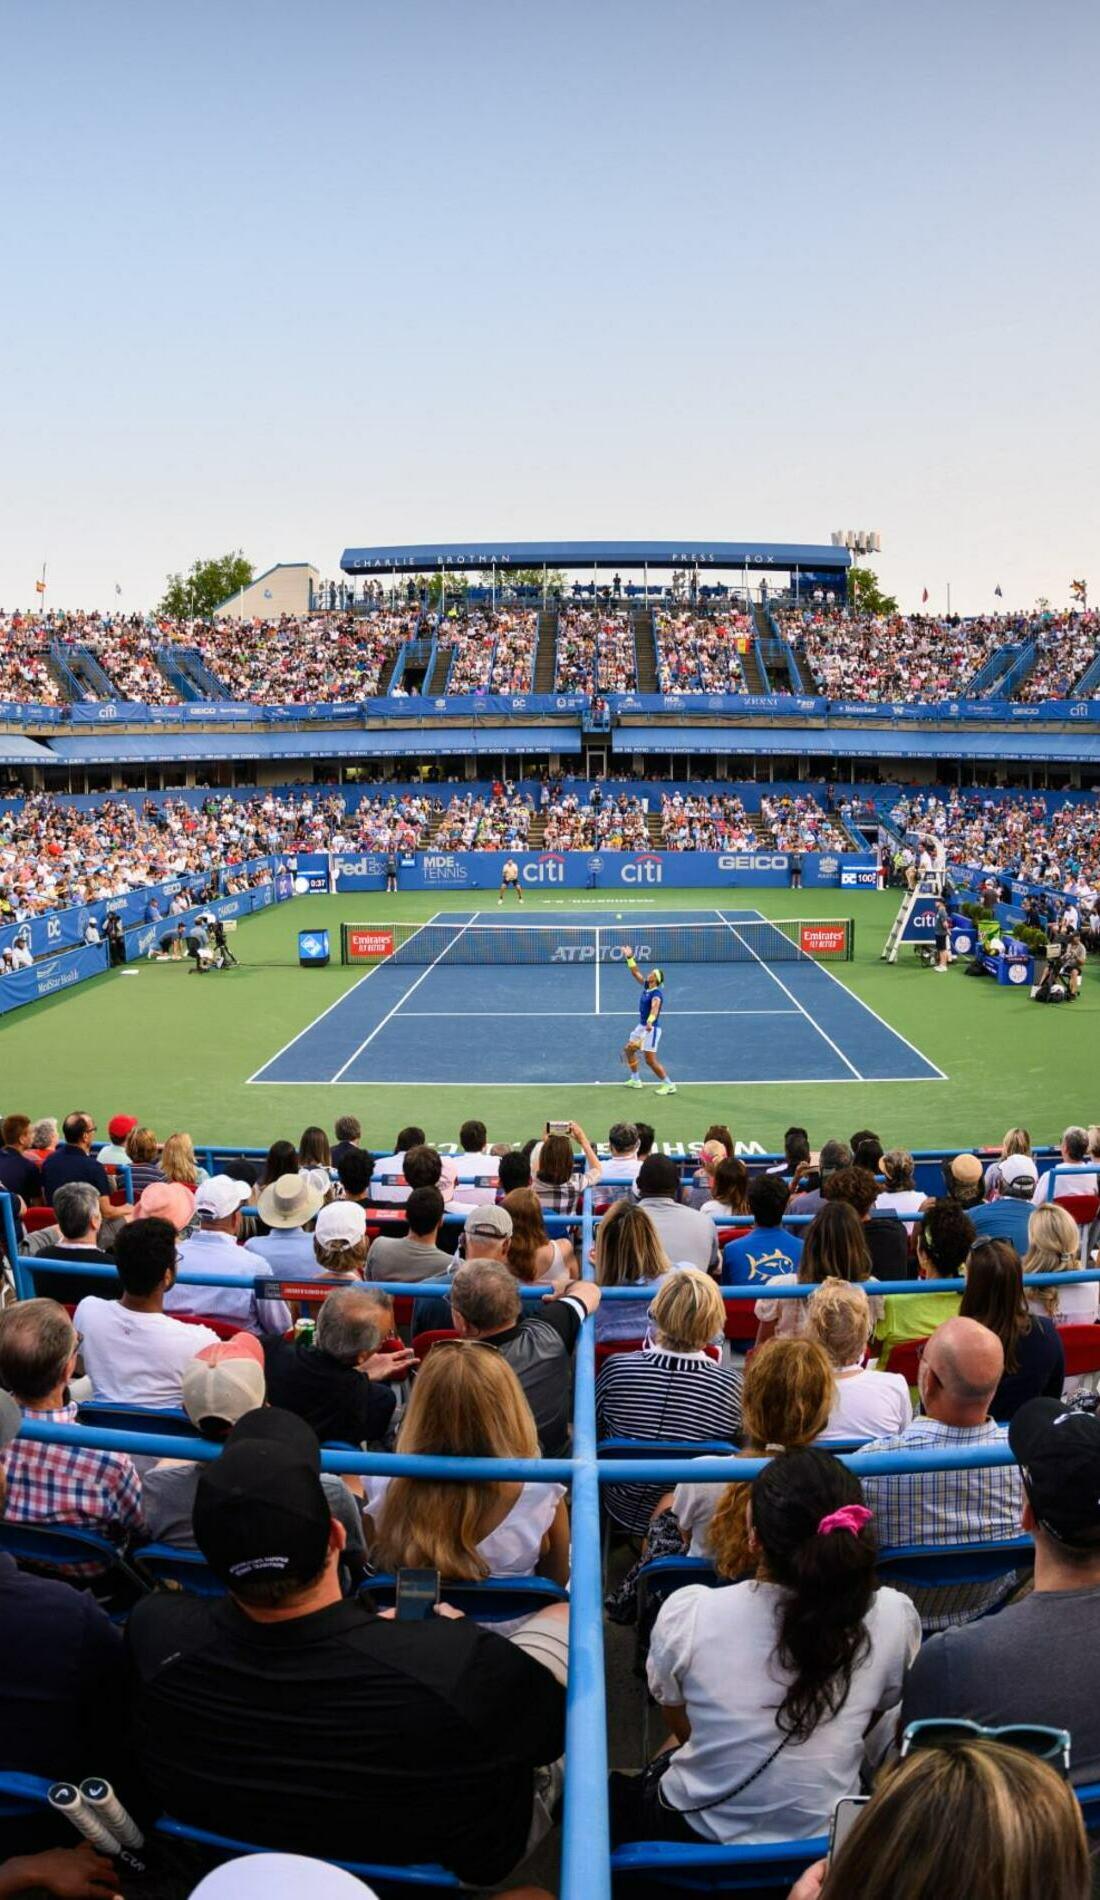 A Citi Open Tennis live event